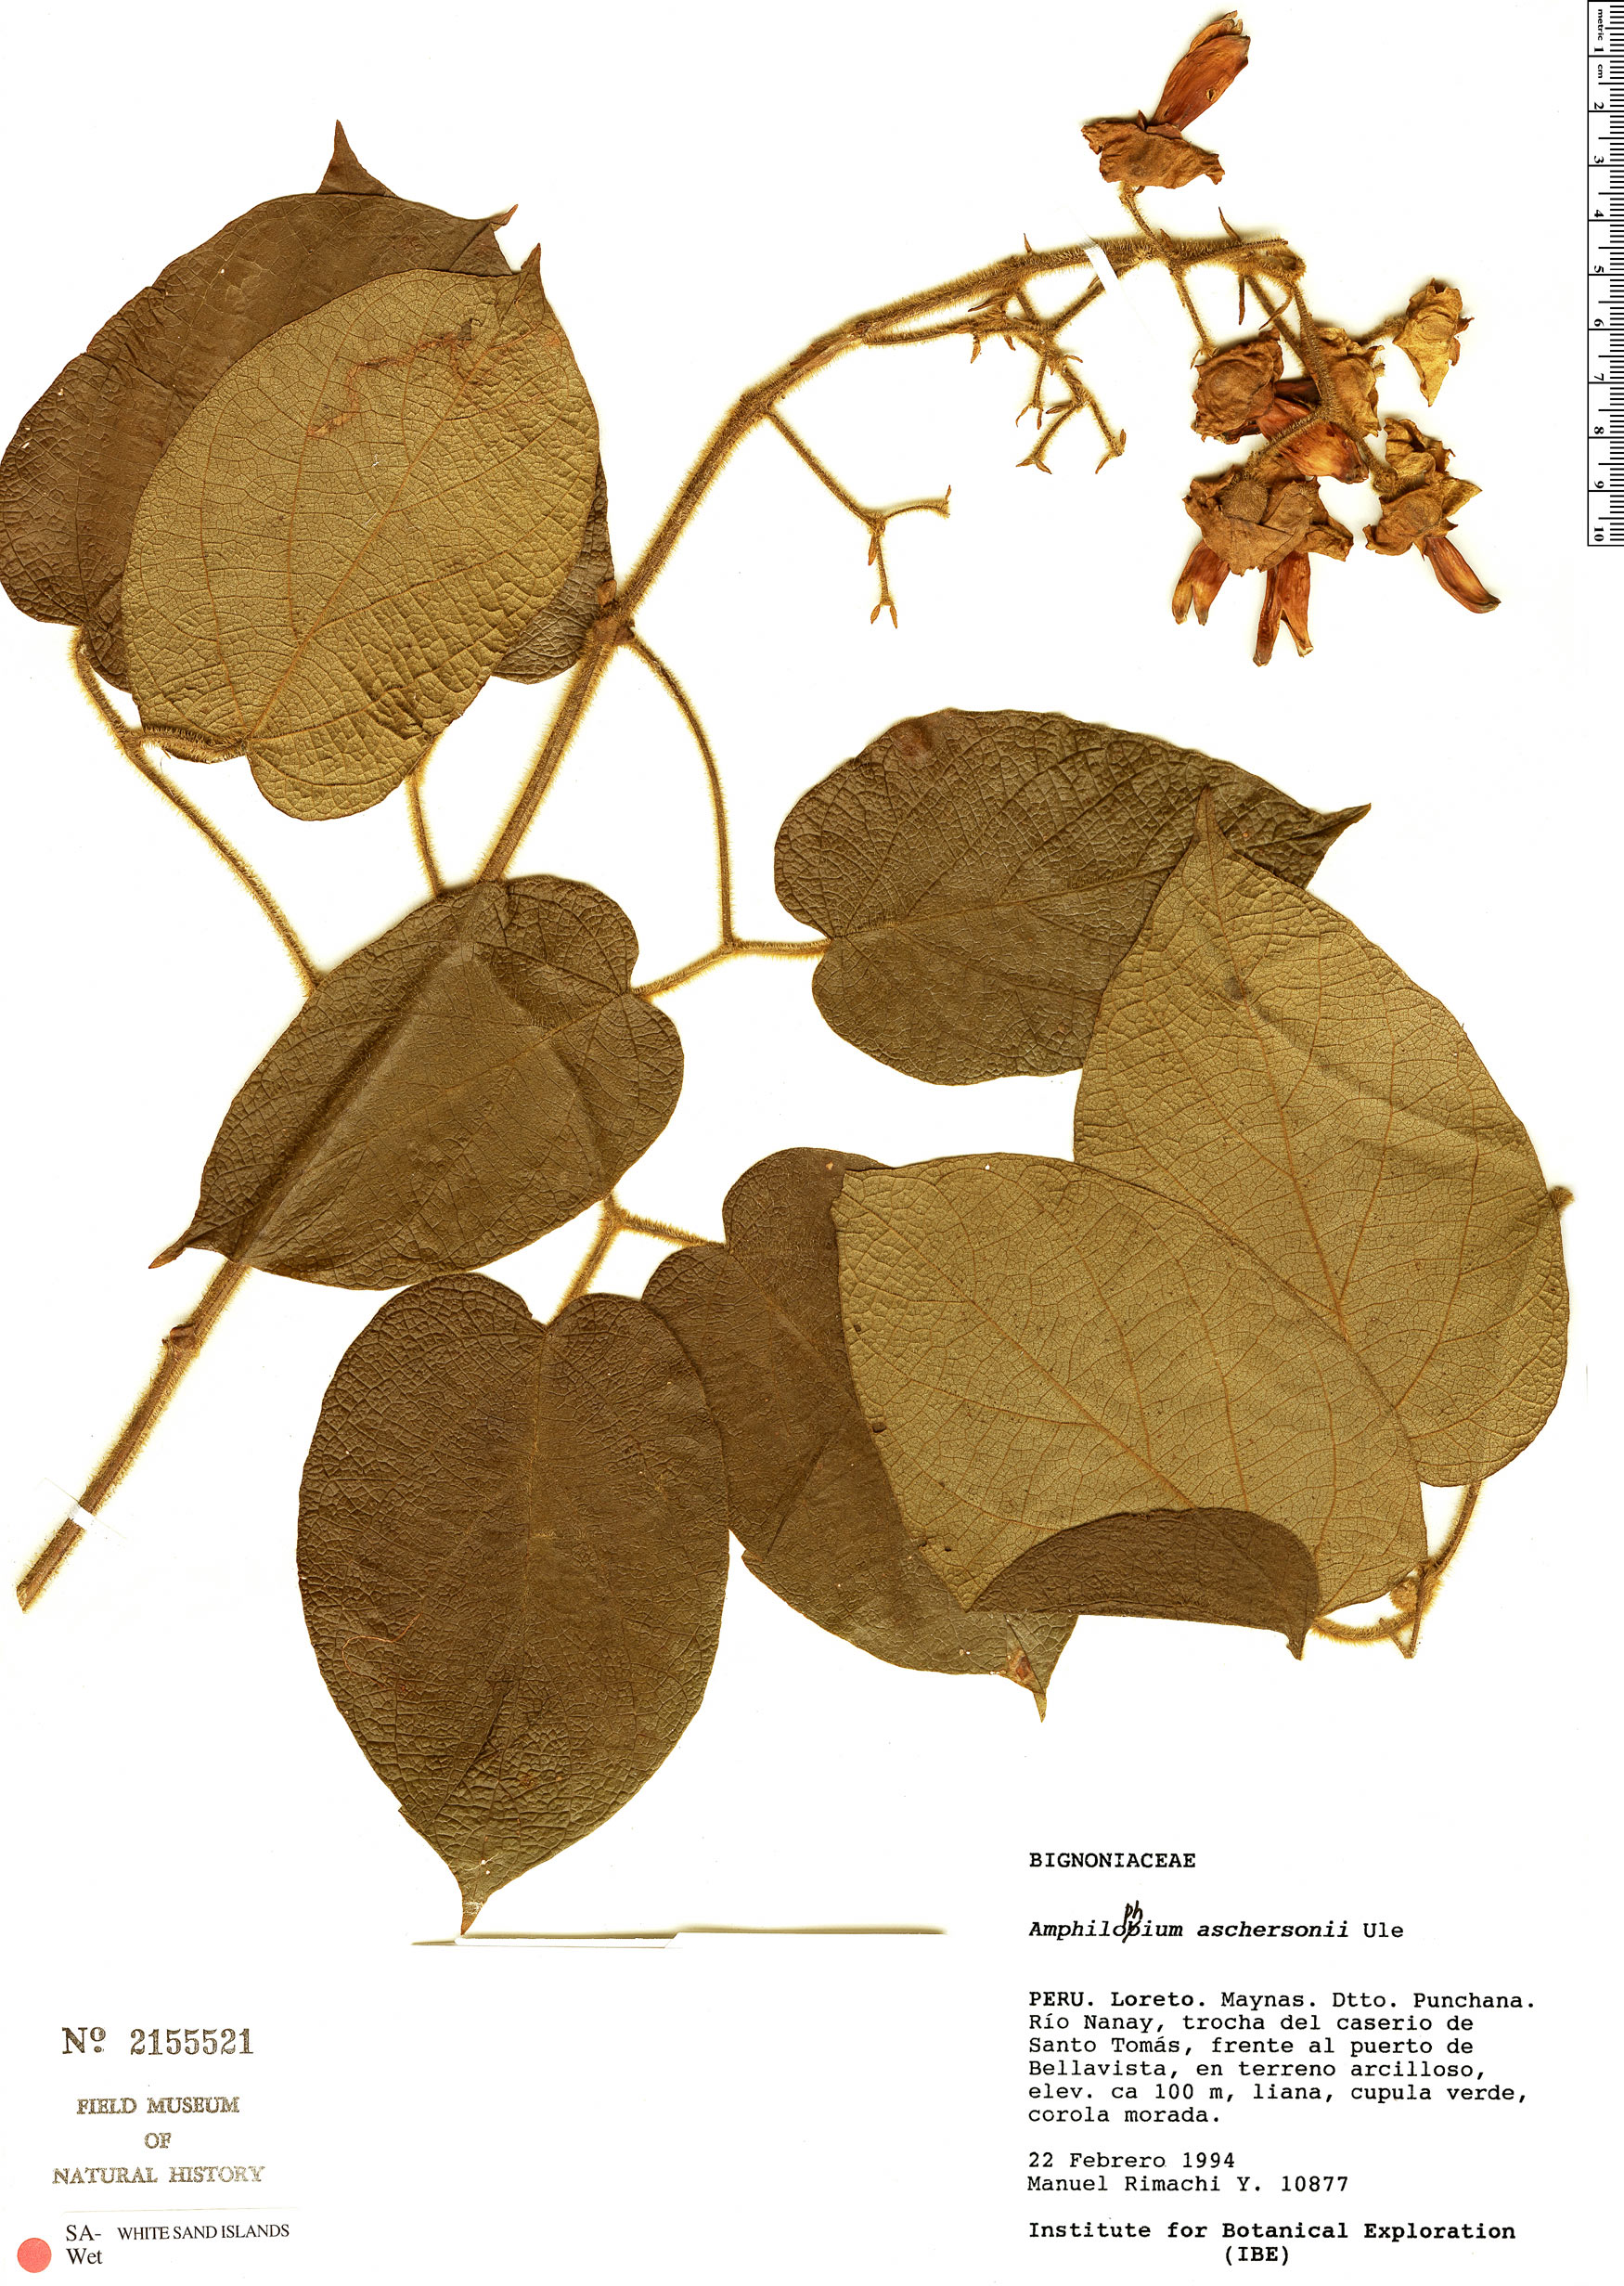 Espécime: Amphilophium aschersonii